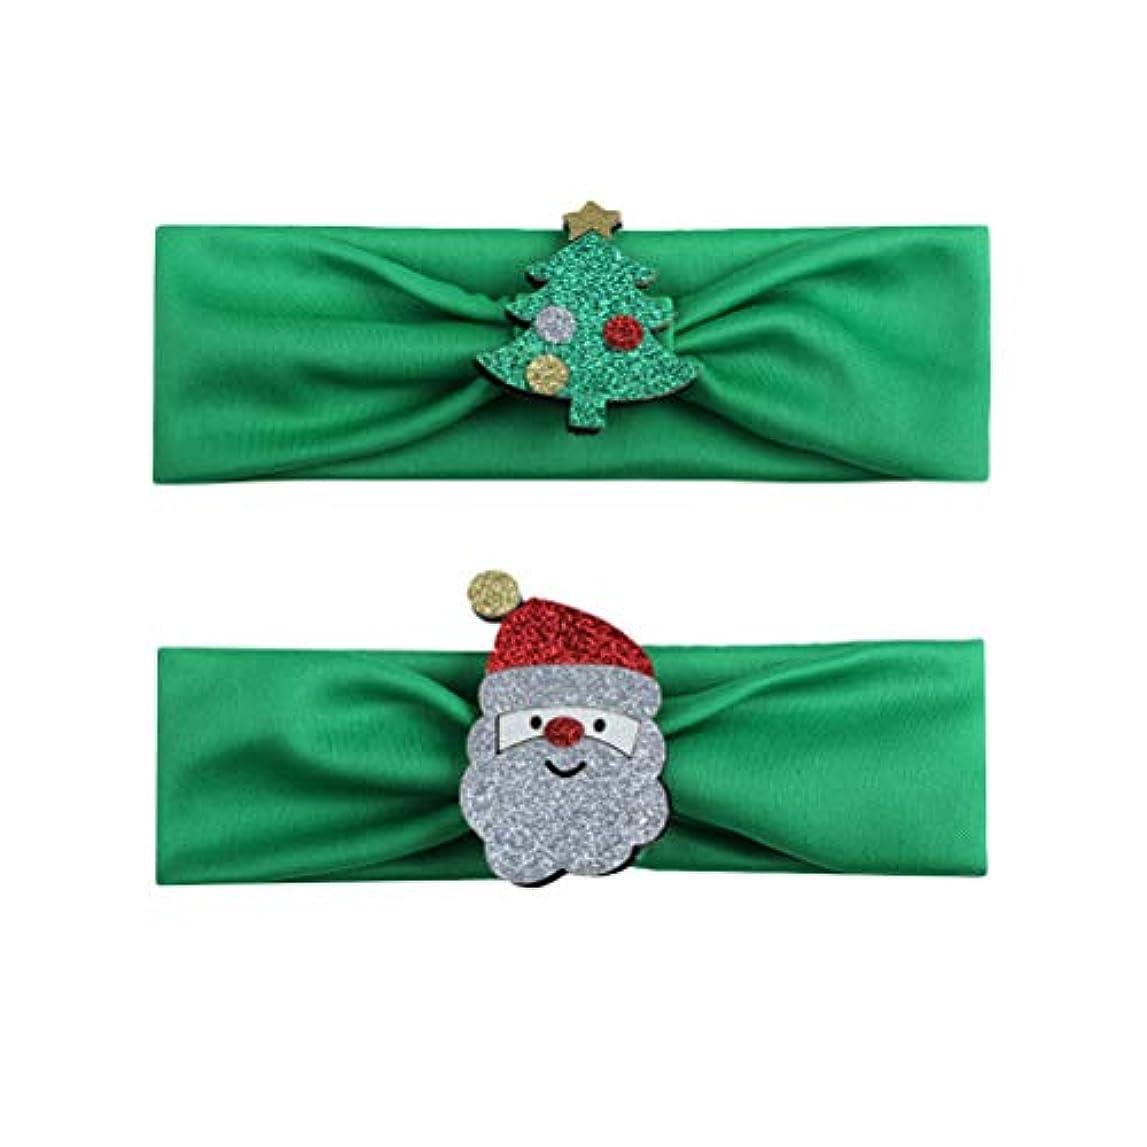 手段気をつけてぶら下がるBESTOYARD 2本の赤ちゃんの少女クリスマスのヘッドバンド、クリスマスツリーサンタクロースの幼児ヘアバンドアクセサリー(グリーン)